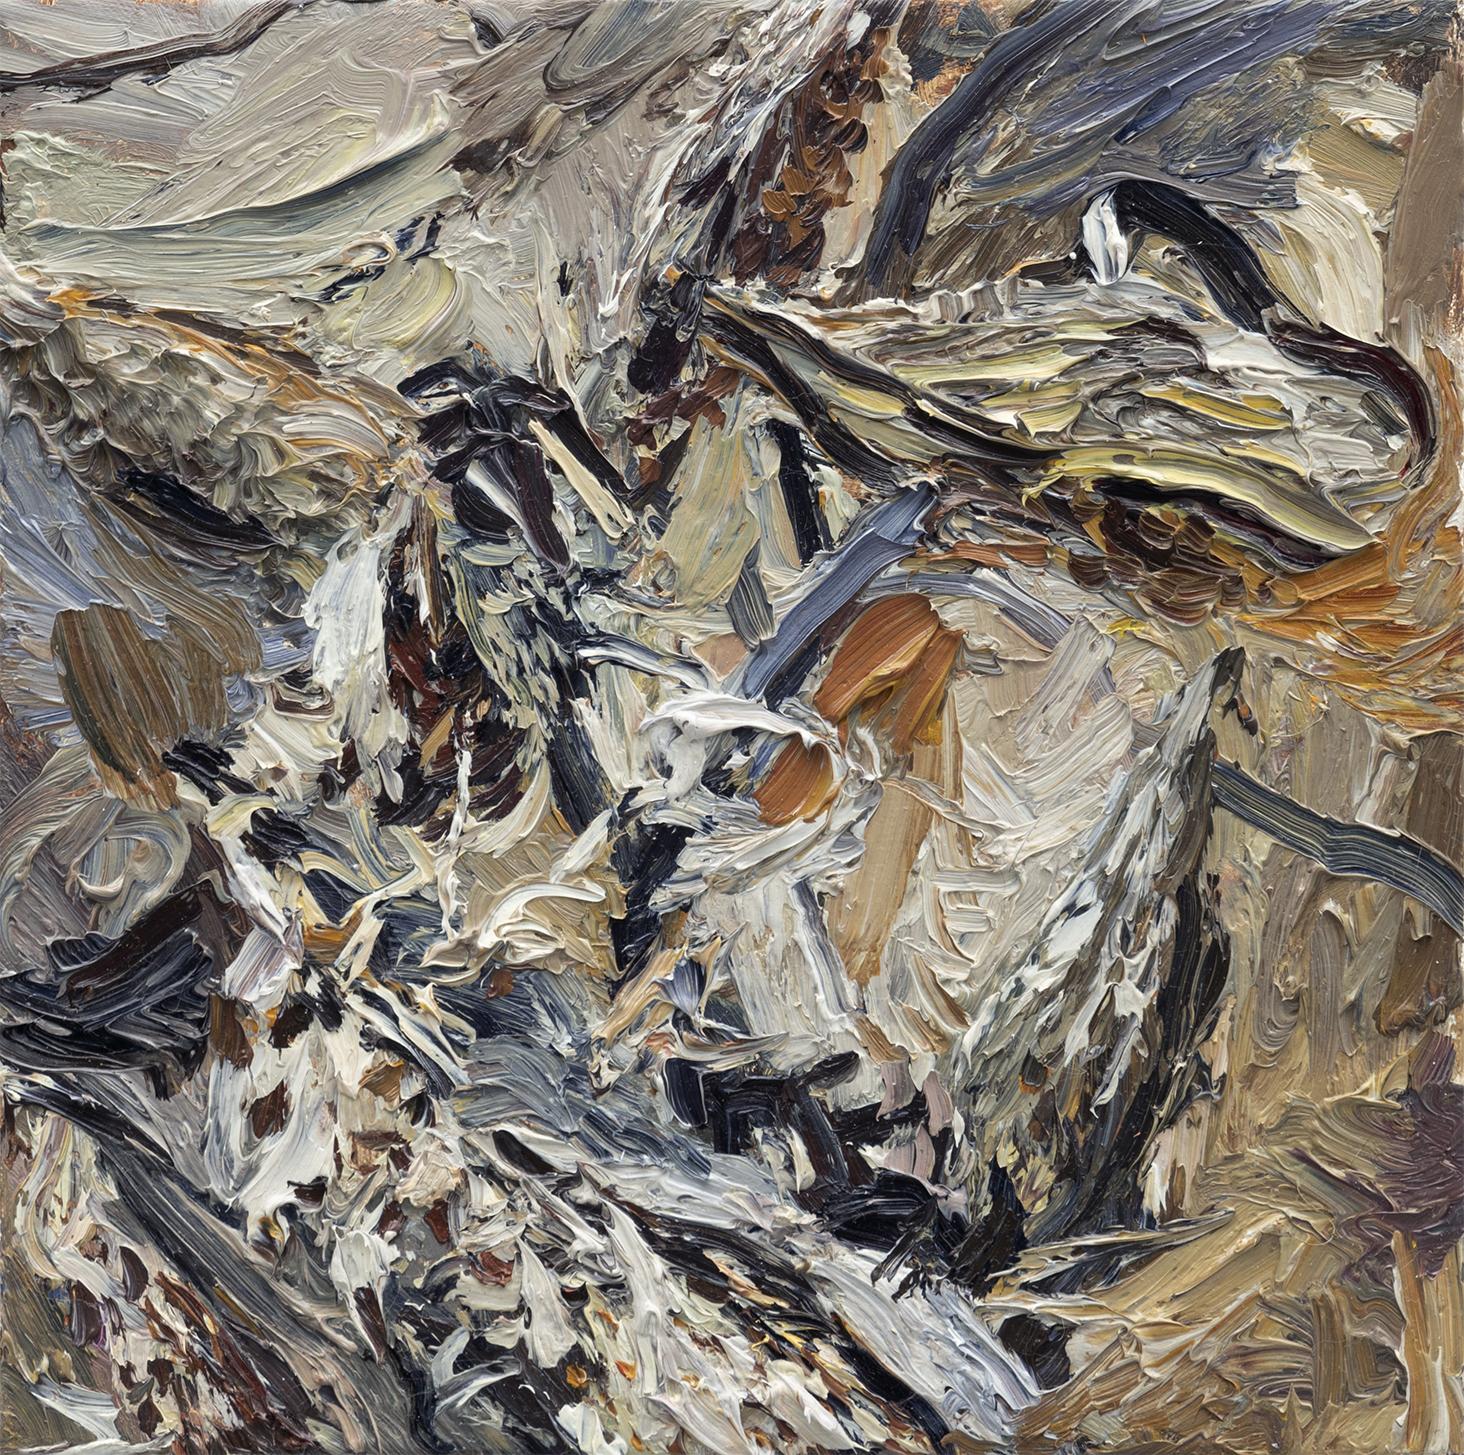 Milkweed No.2   10in x 10in, oil on linen, 2018